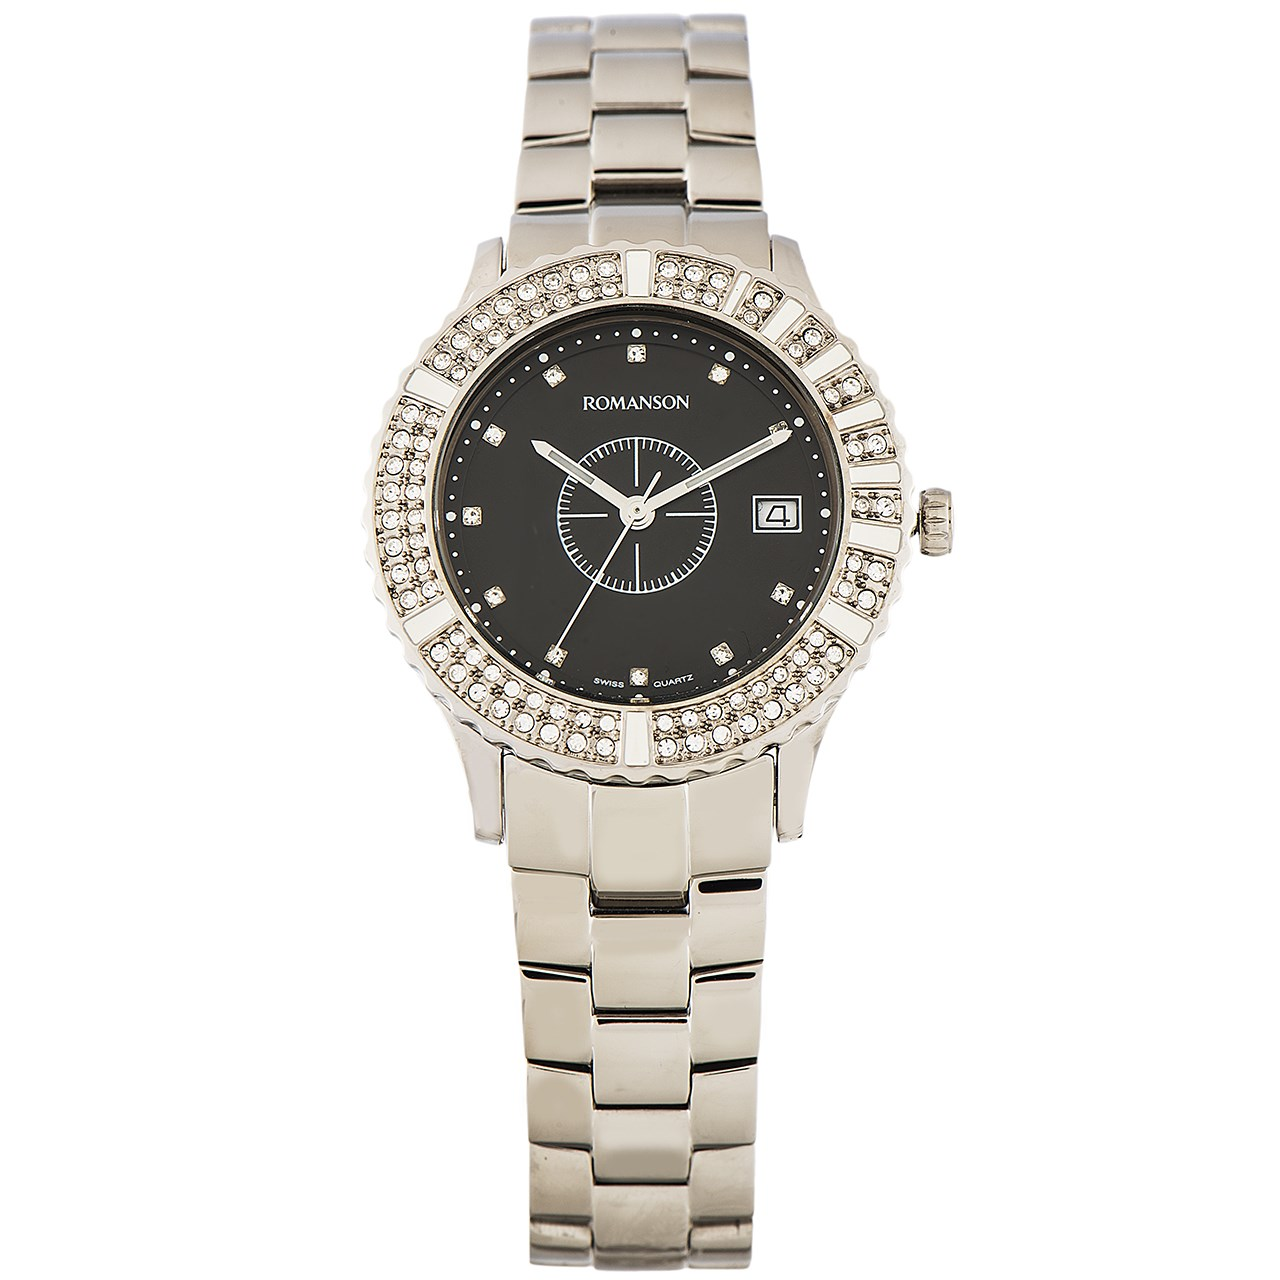 ساعت مچی عقربه ای زنانه رومانسون مدل RM9229TL1WA32W 26